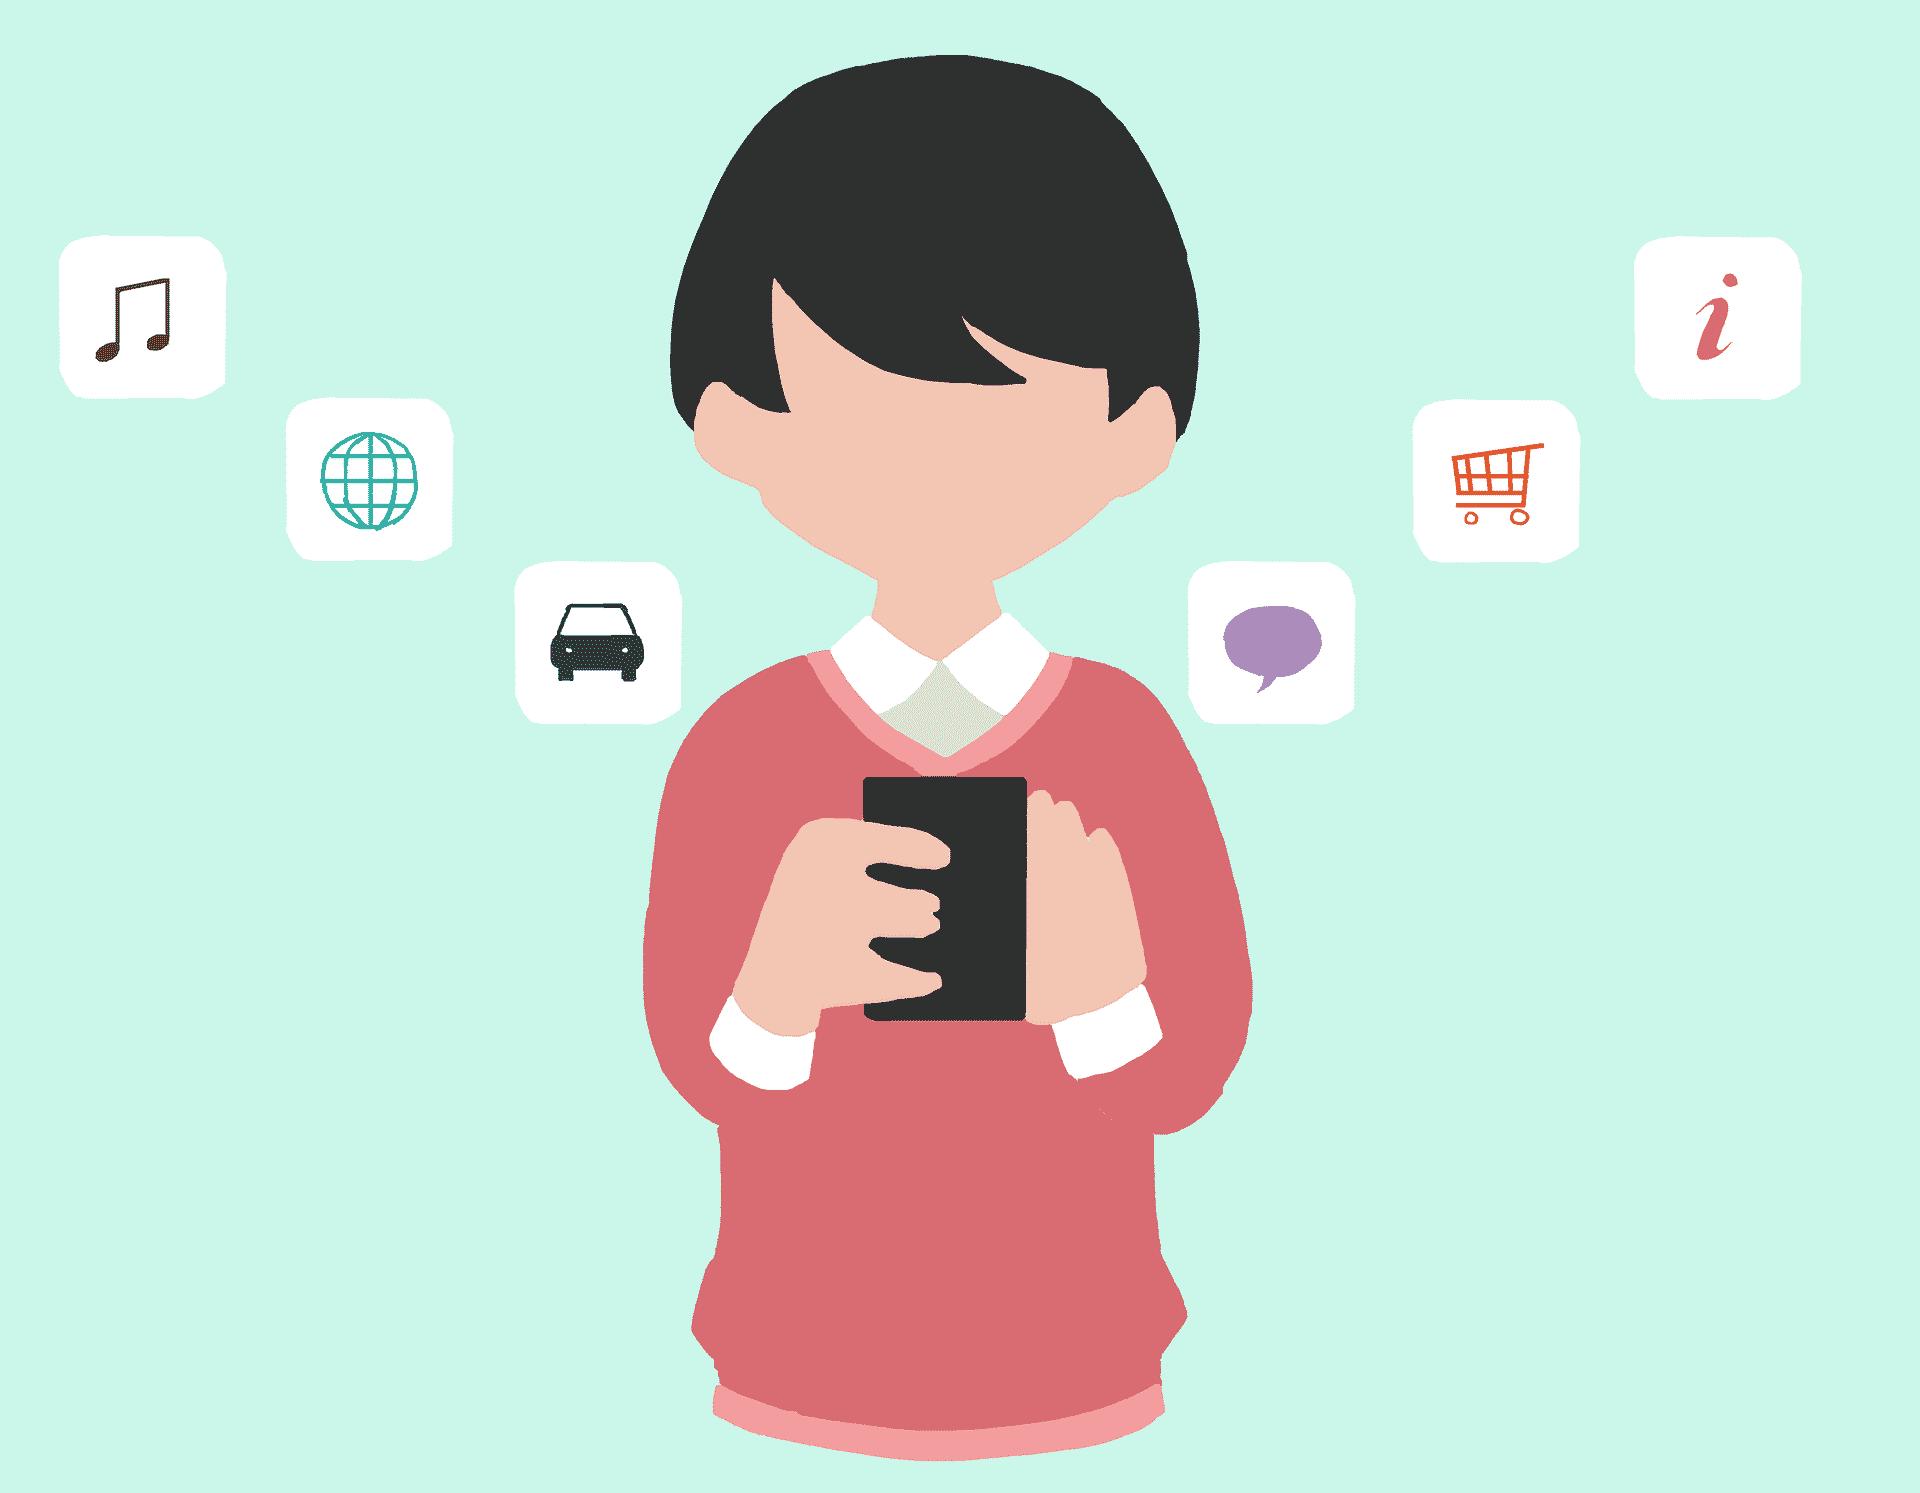 smartphone-1184865_1920